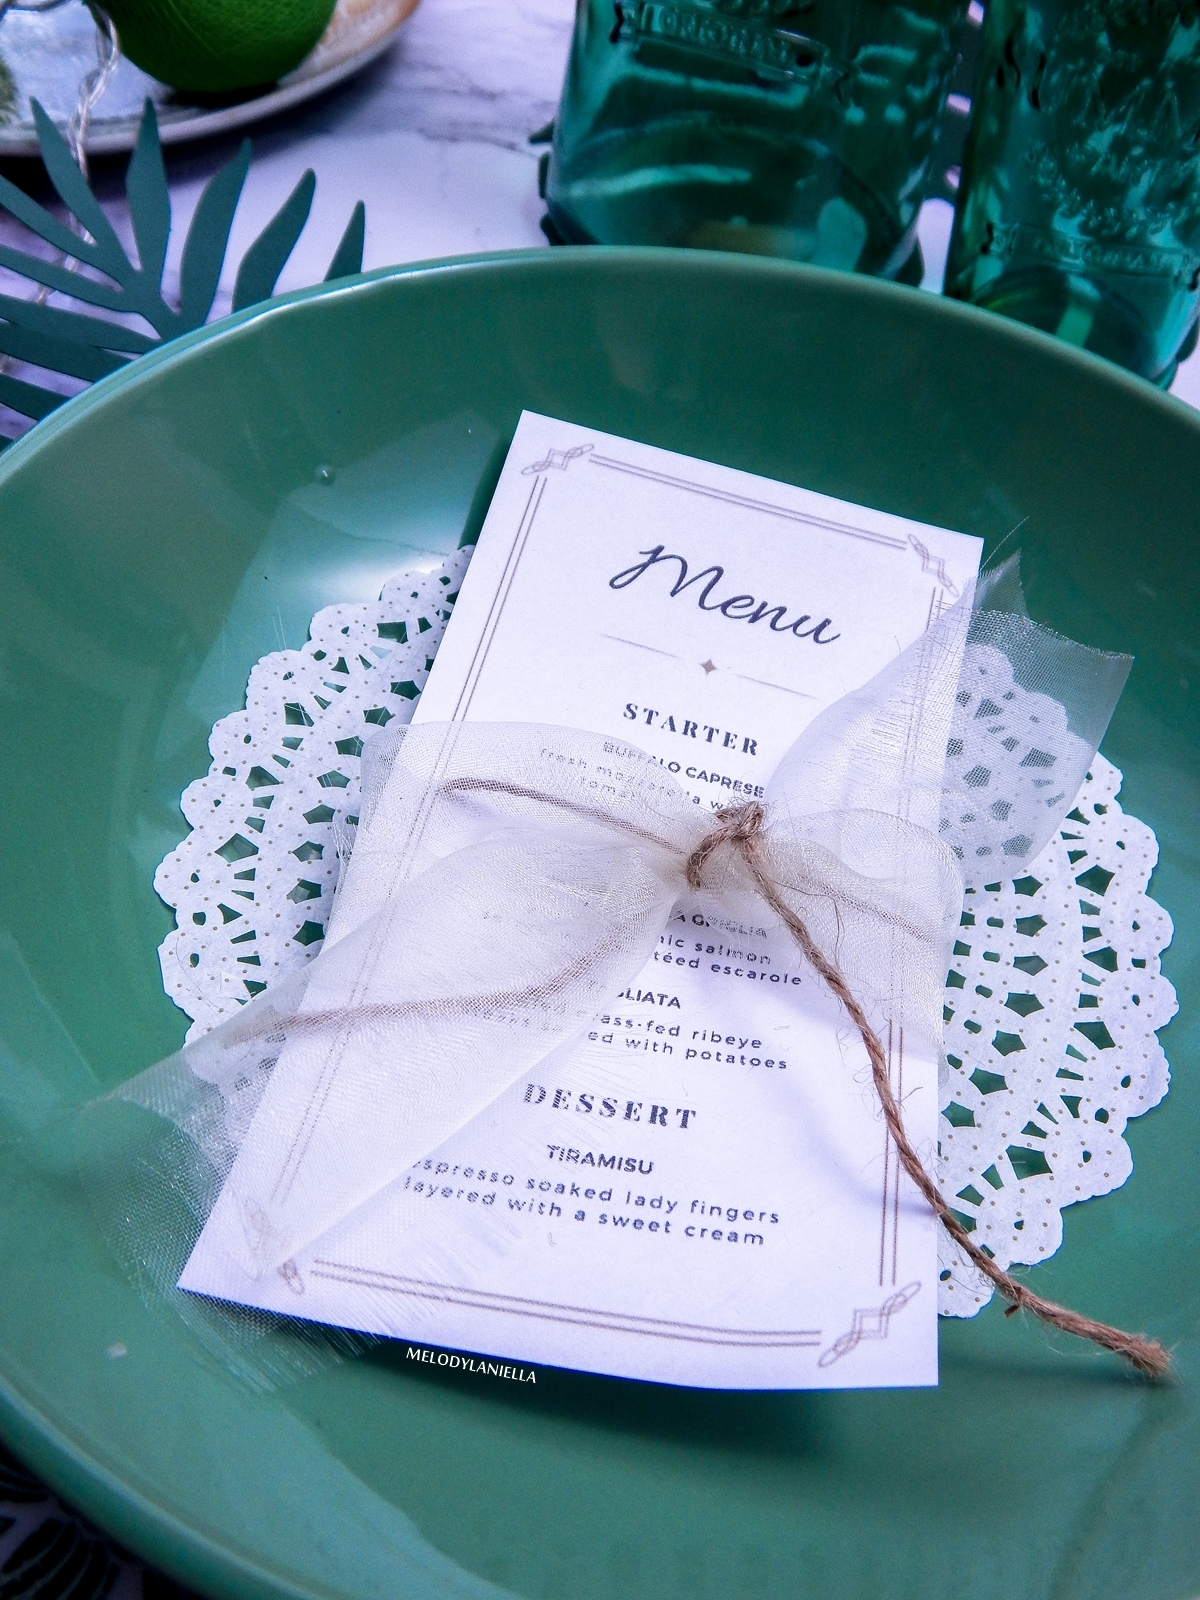 4 własne menu ciekawe propozycje dekoracji mieszkań stołów wnętrz zielone talerze liście palmowe do dekoracji zdjęć instagram białe zdjęcia flatlay melodylaniella partybox duka westiwgn opinie